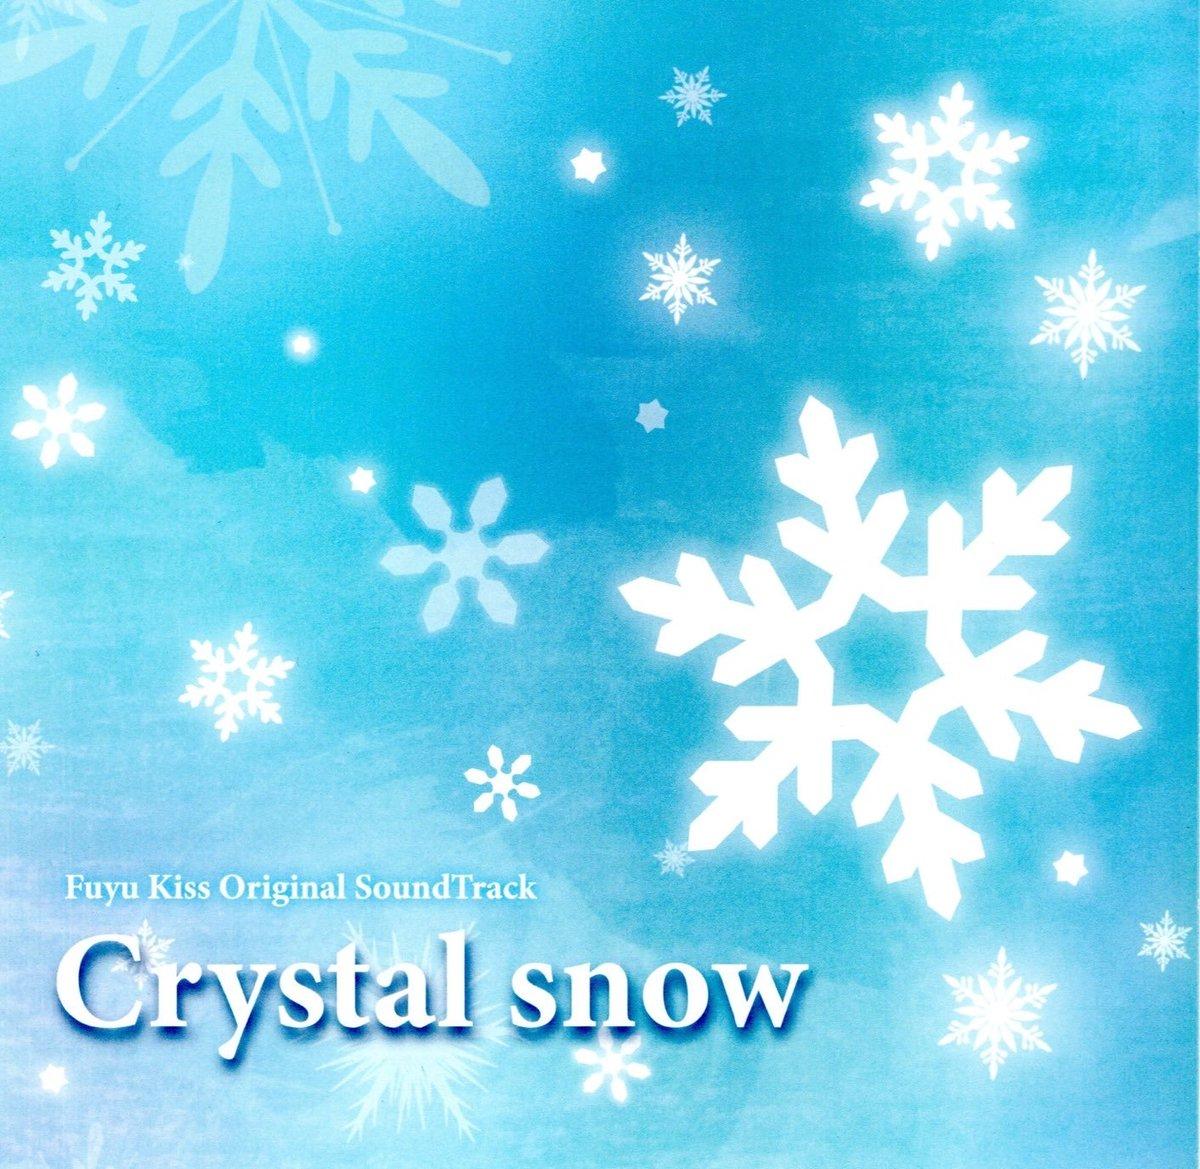 """test ツイッターメディア - #nowplaying: """"Snowy Diamond"""" by 長妻樹里 フユキス オリジナルサウンドトラック Crystal snow [Disc 1]  長妻樹里さん、最高ーーーーー!!!!! めちゃくちゃ曲いい!!!!! https://t.co/9NLE3nTYFW"""